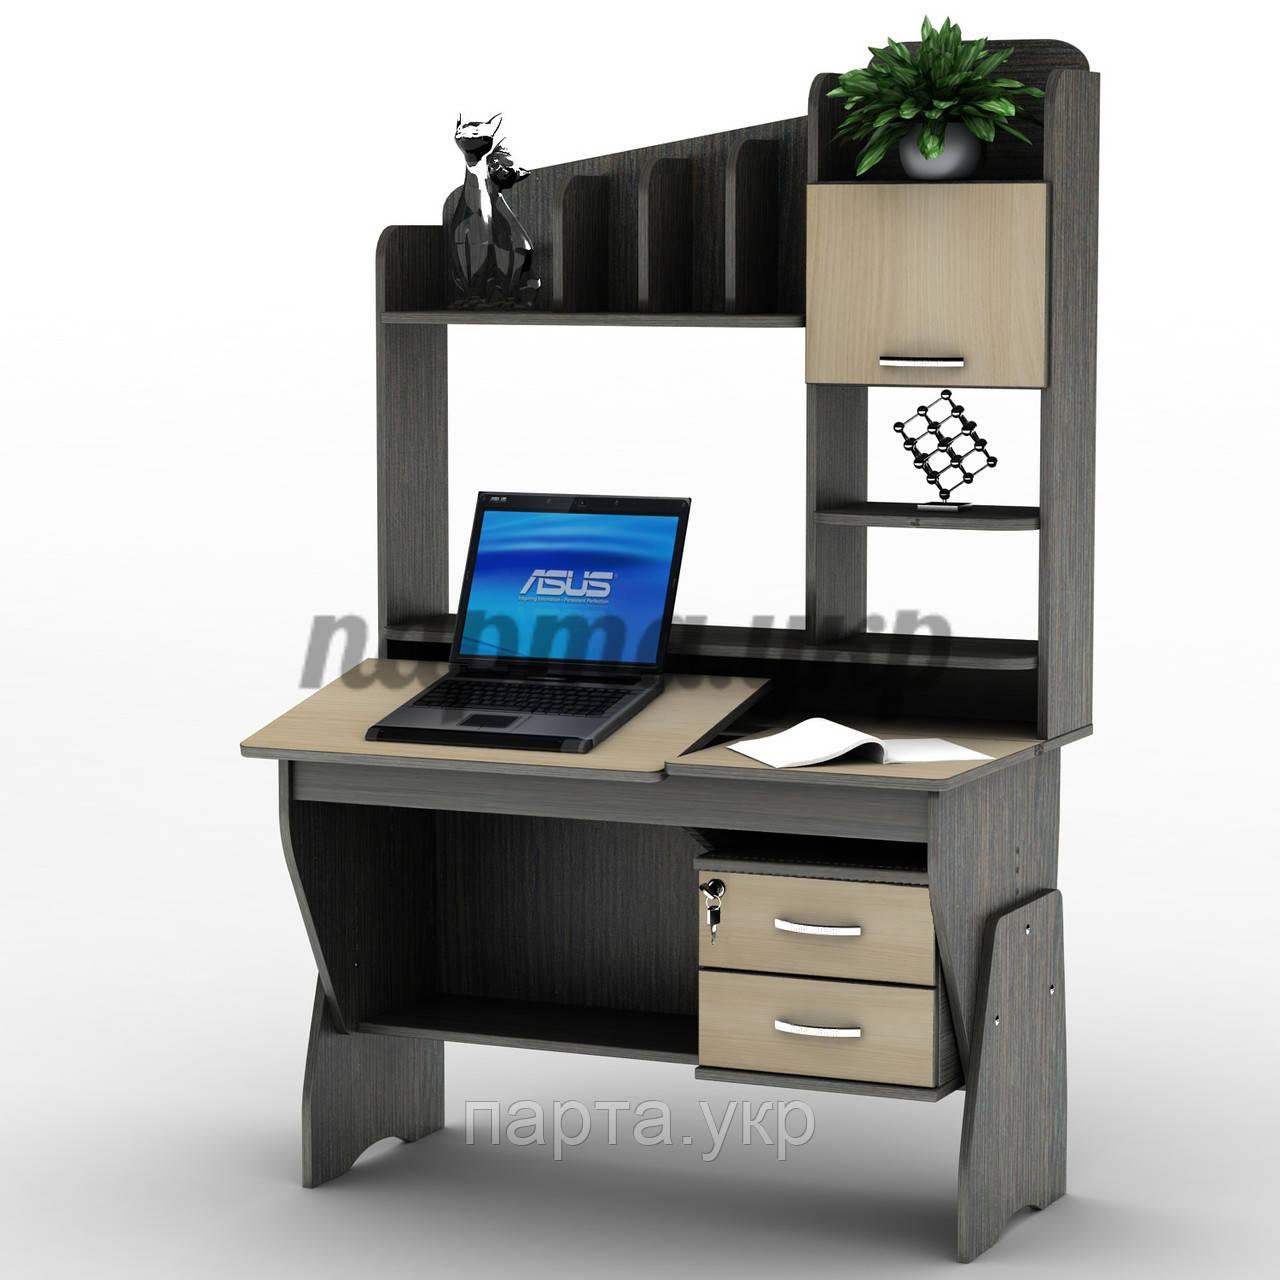 """Стол письменный, компьютерный стол """"ТСУ - 20 Комфорт"""""""